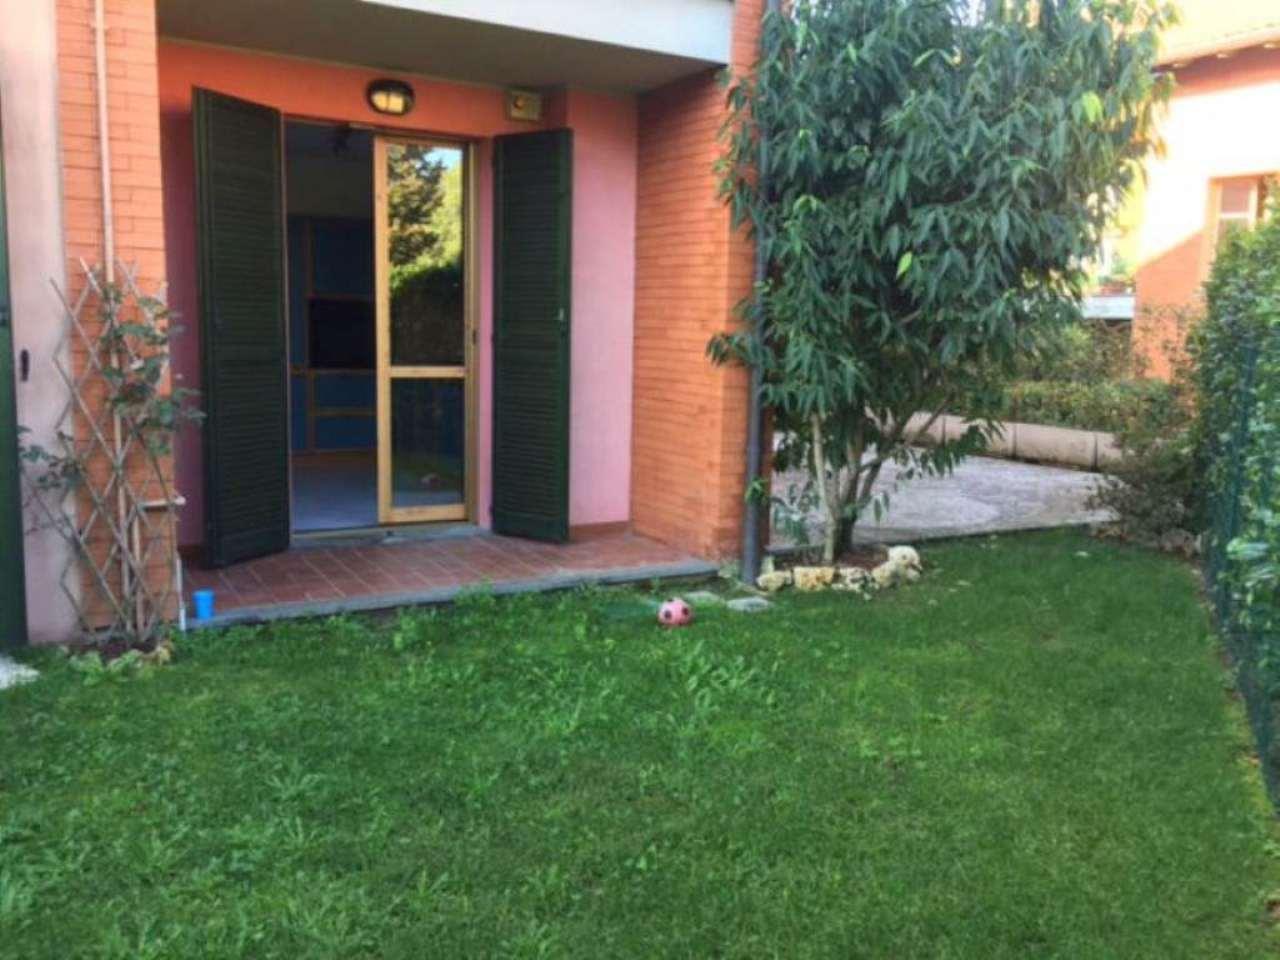 Appartamento in vendita a Daverio, 1 locali, prezzo € 89.000 | Cambio Casa.it